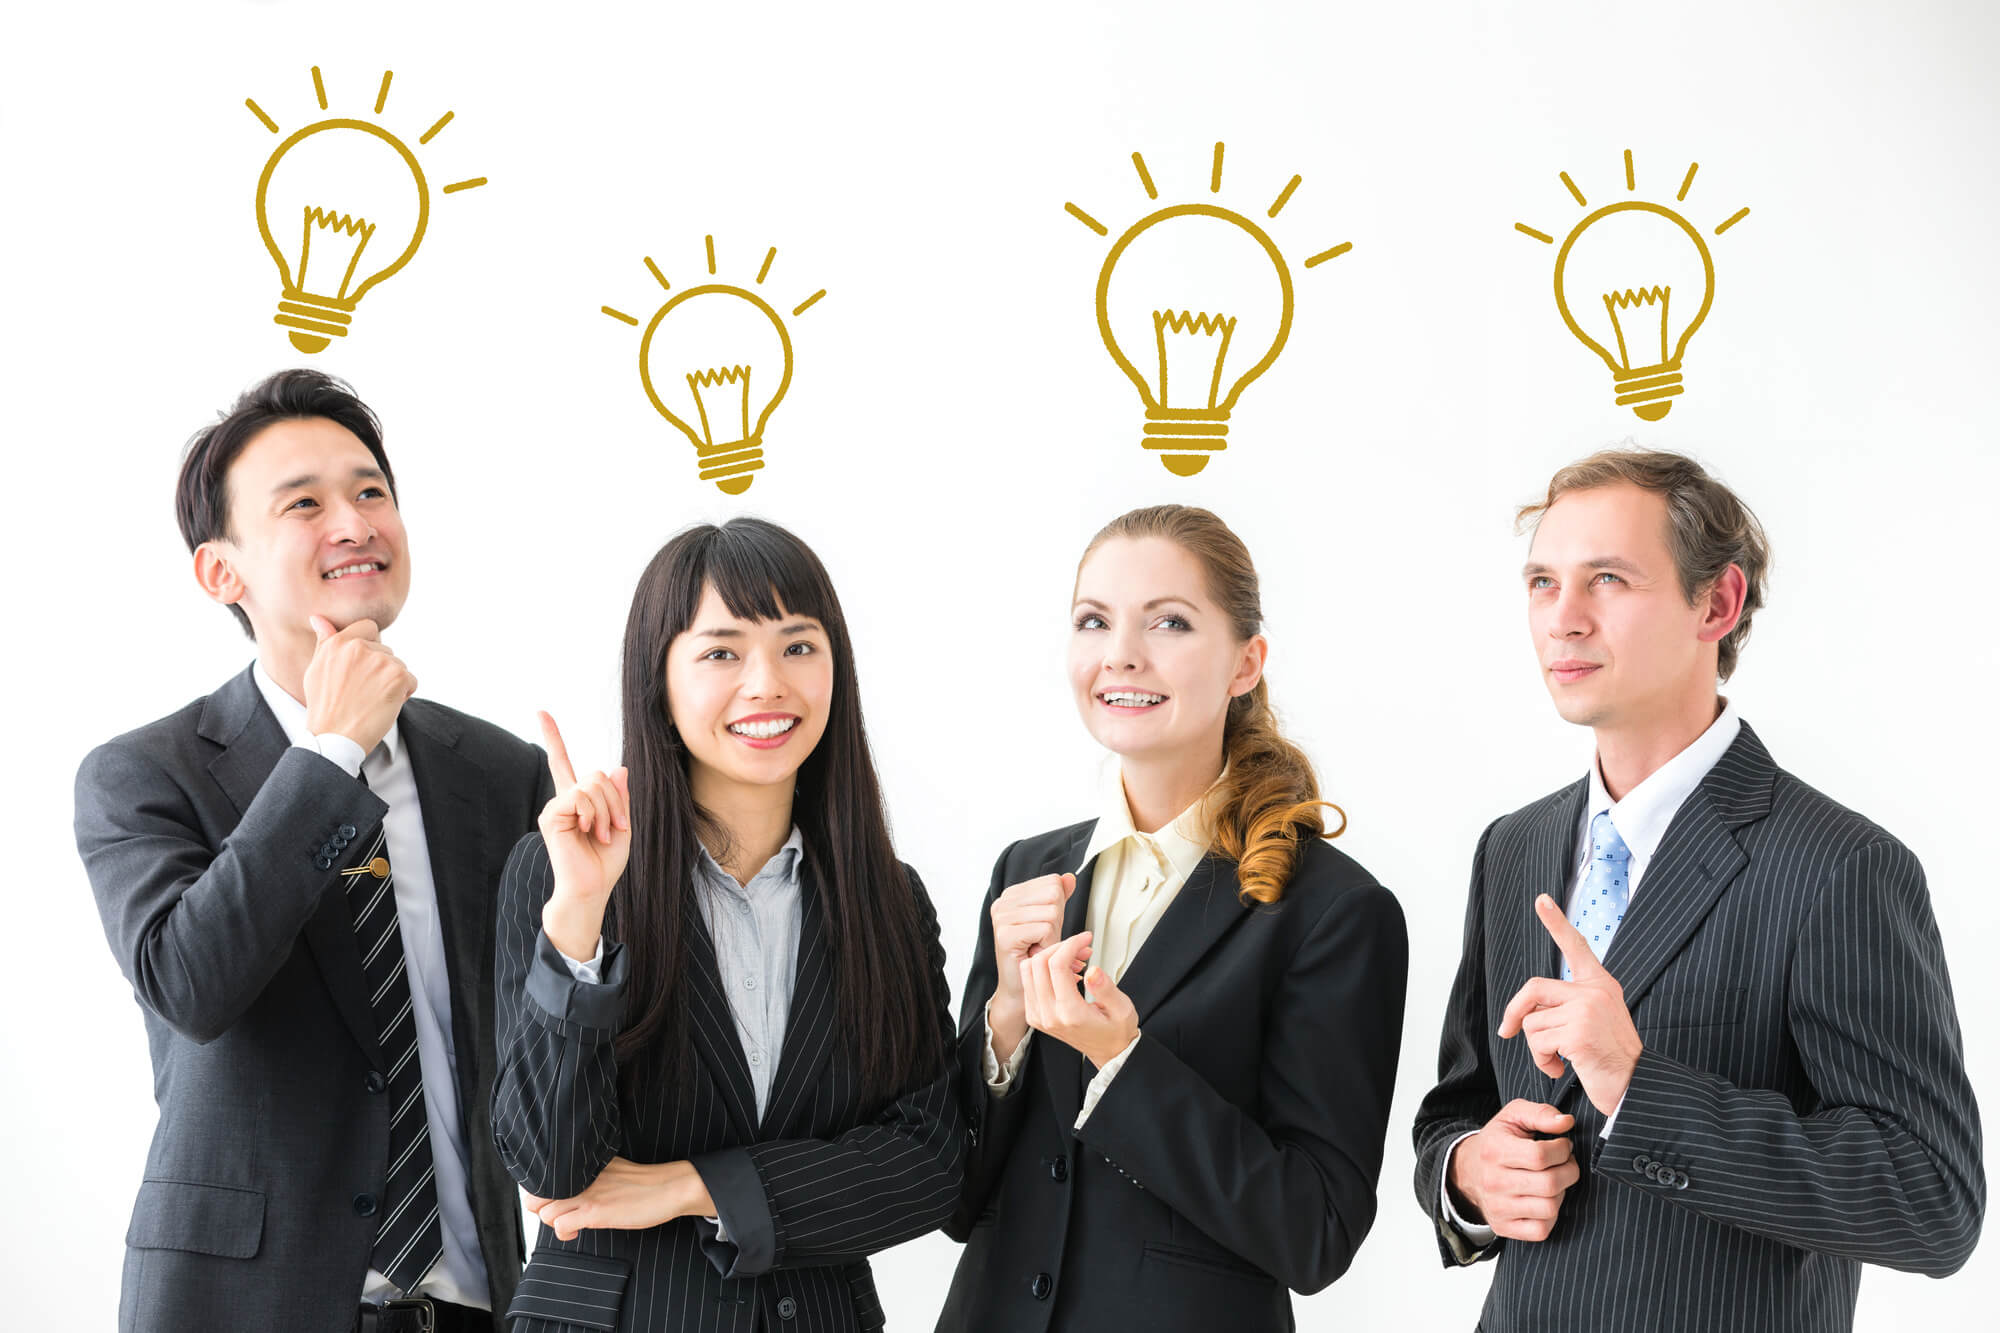 業務効率化のためのアイデアを紹介!ECRSの原則やIT活用による方法も